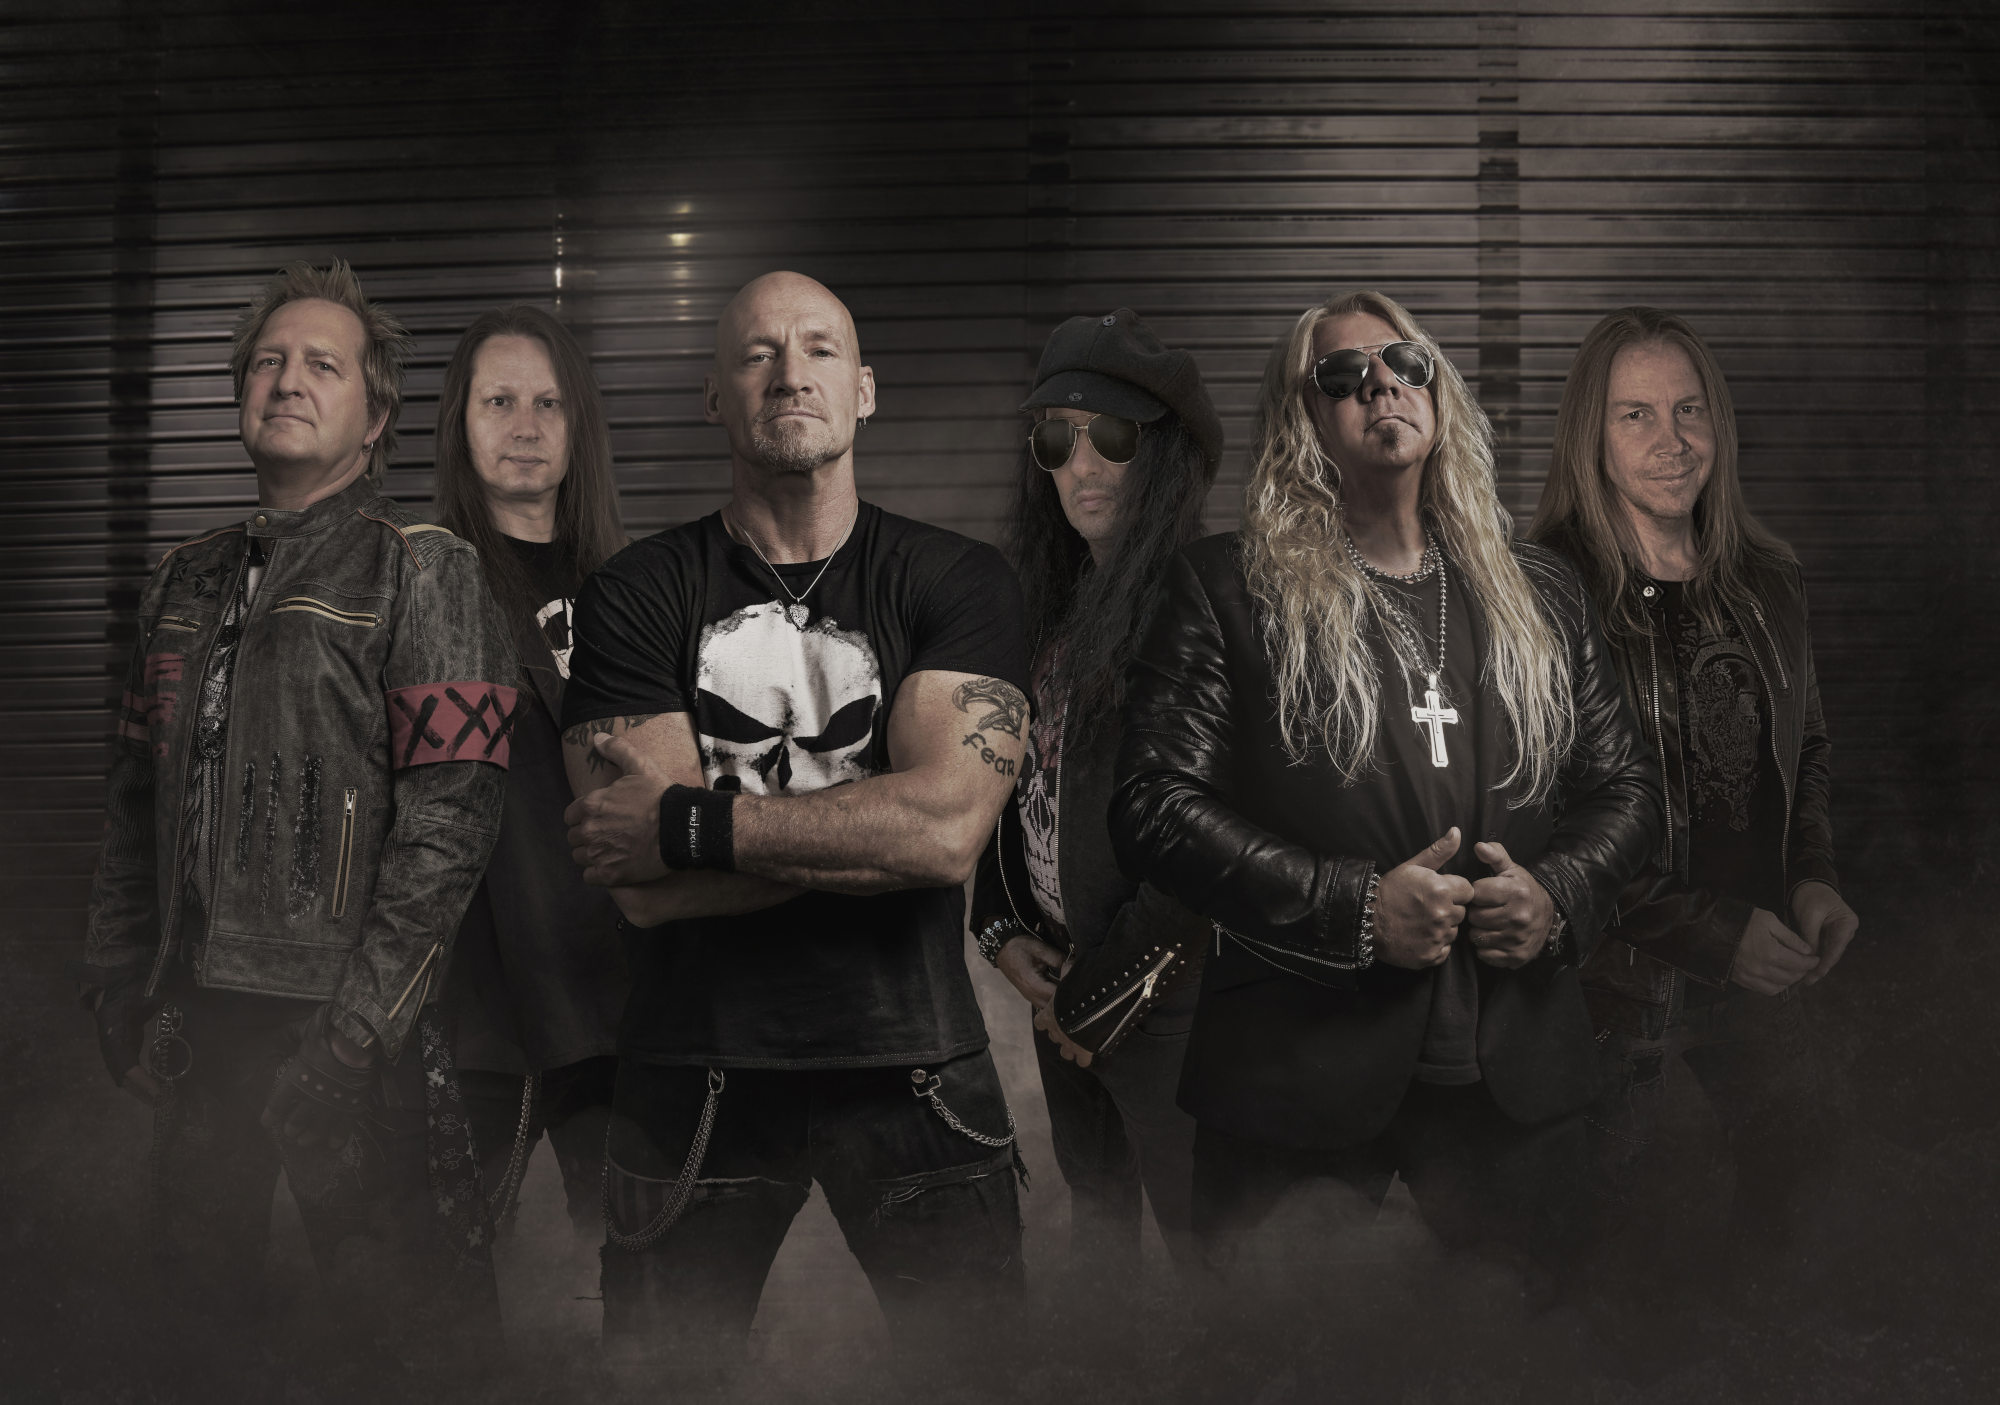 Ein Foto der Heavy-Metal-Band Primal Fear